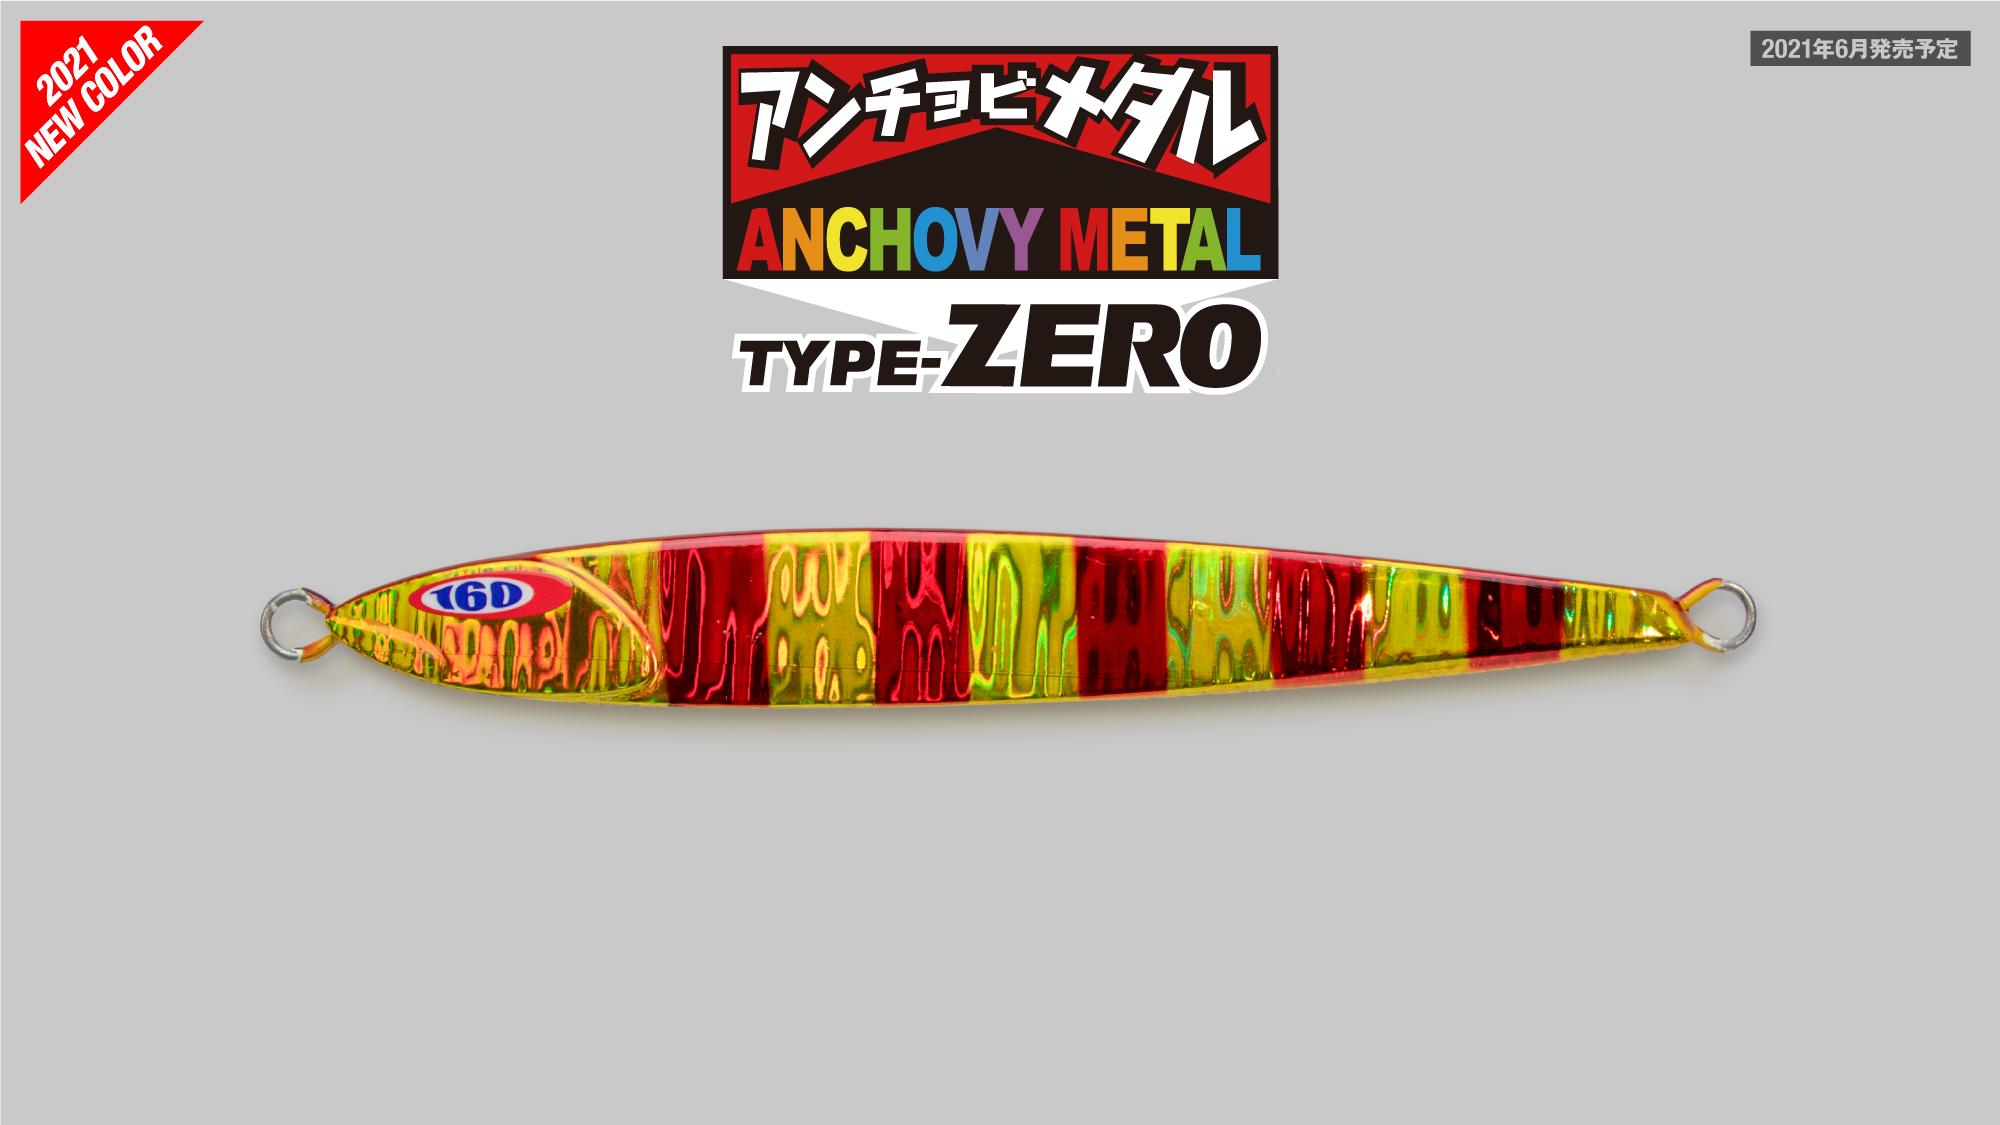 アンチョビメタル タイプゼロ 【2021 NEW COLOR】ANCHOVYMETAL  TYPE-ZERO / アンチョビメタル TYPE-ゼロ